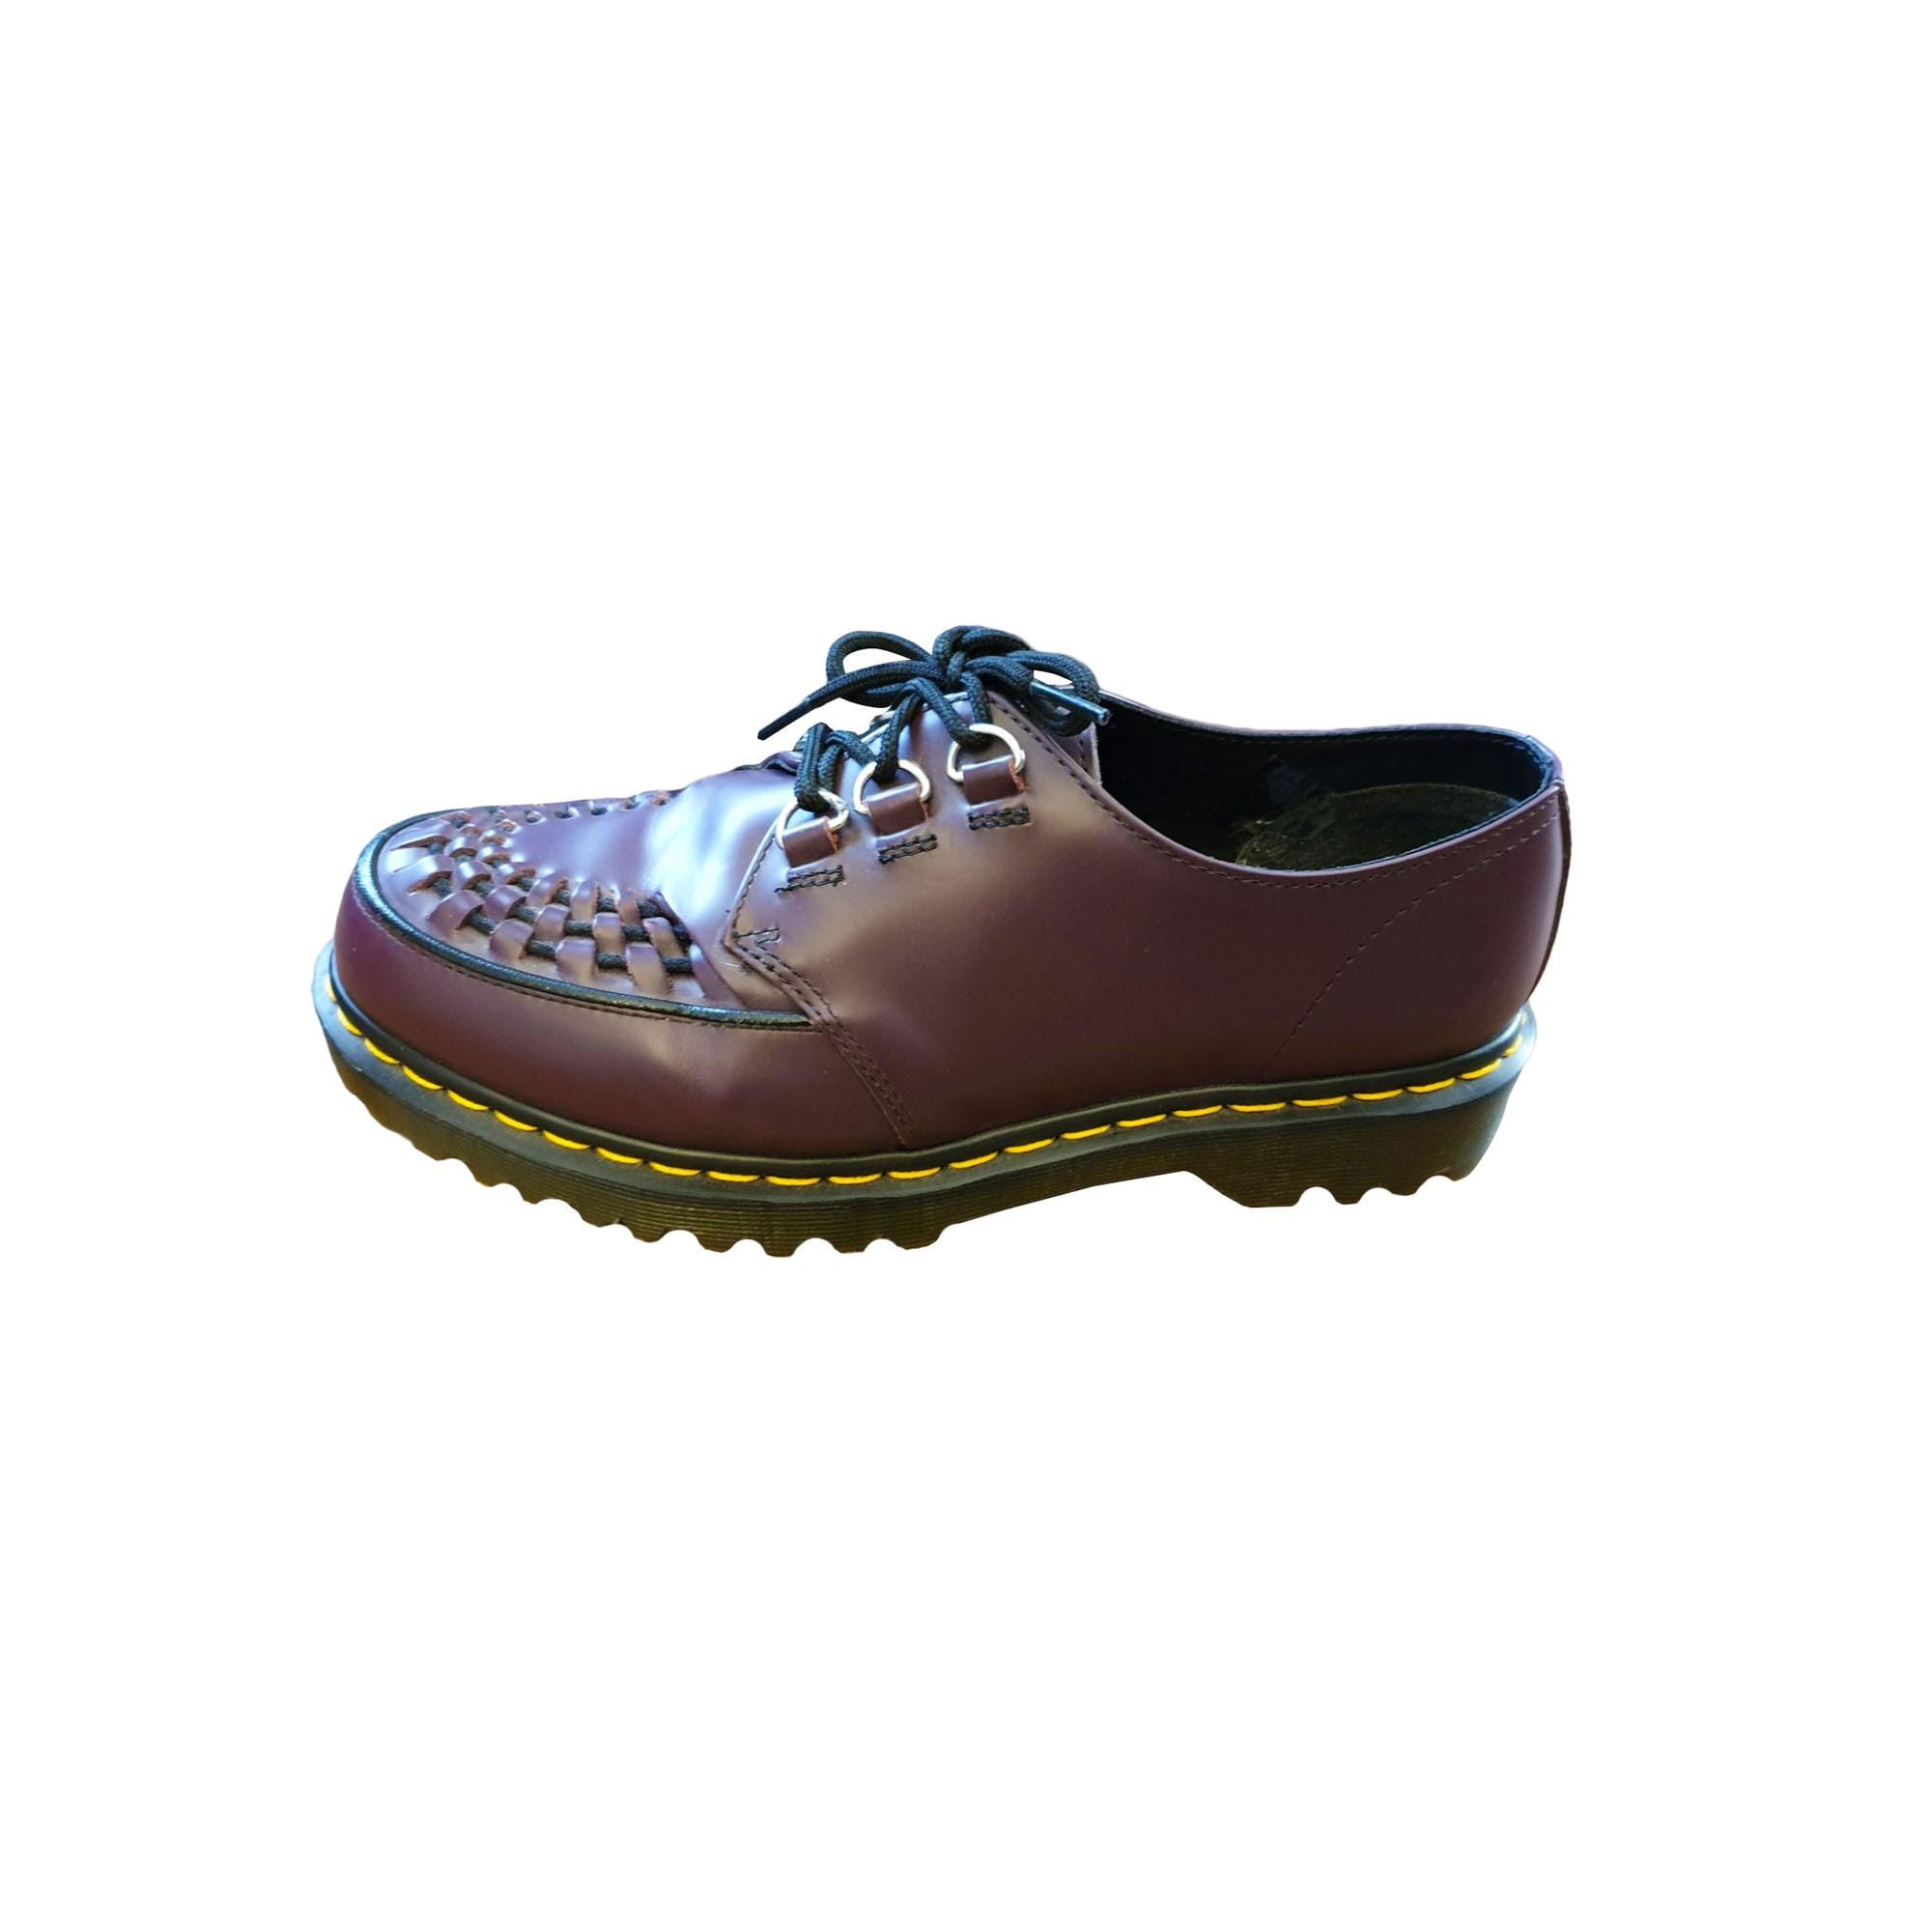 5ff473523ae Chaussures à lacets DR. MARTENS 40 violet vendu par Emilie 4142 ...